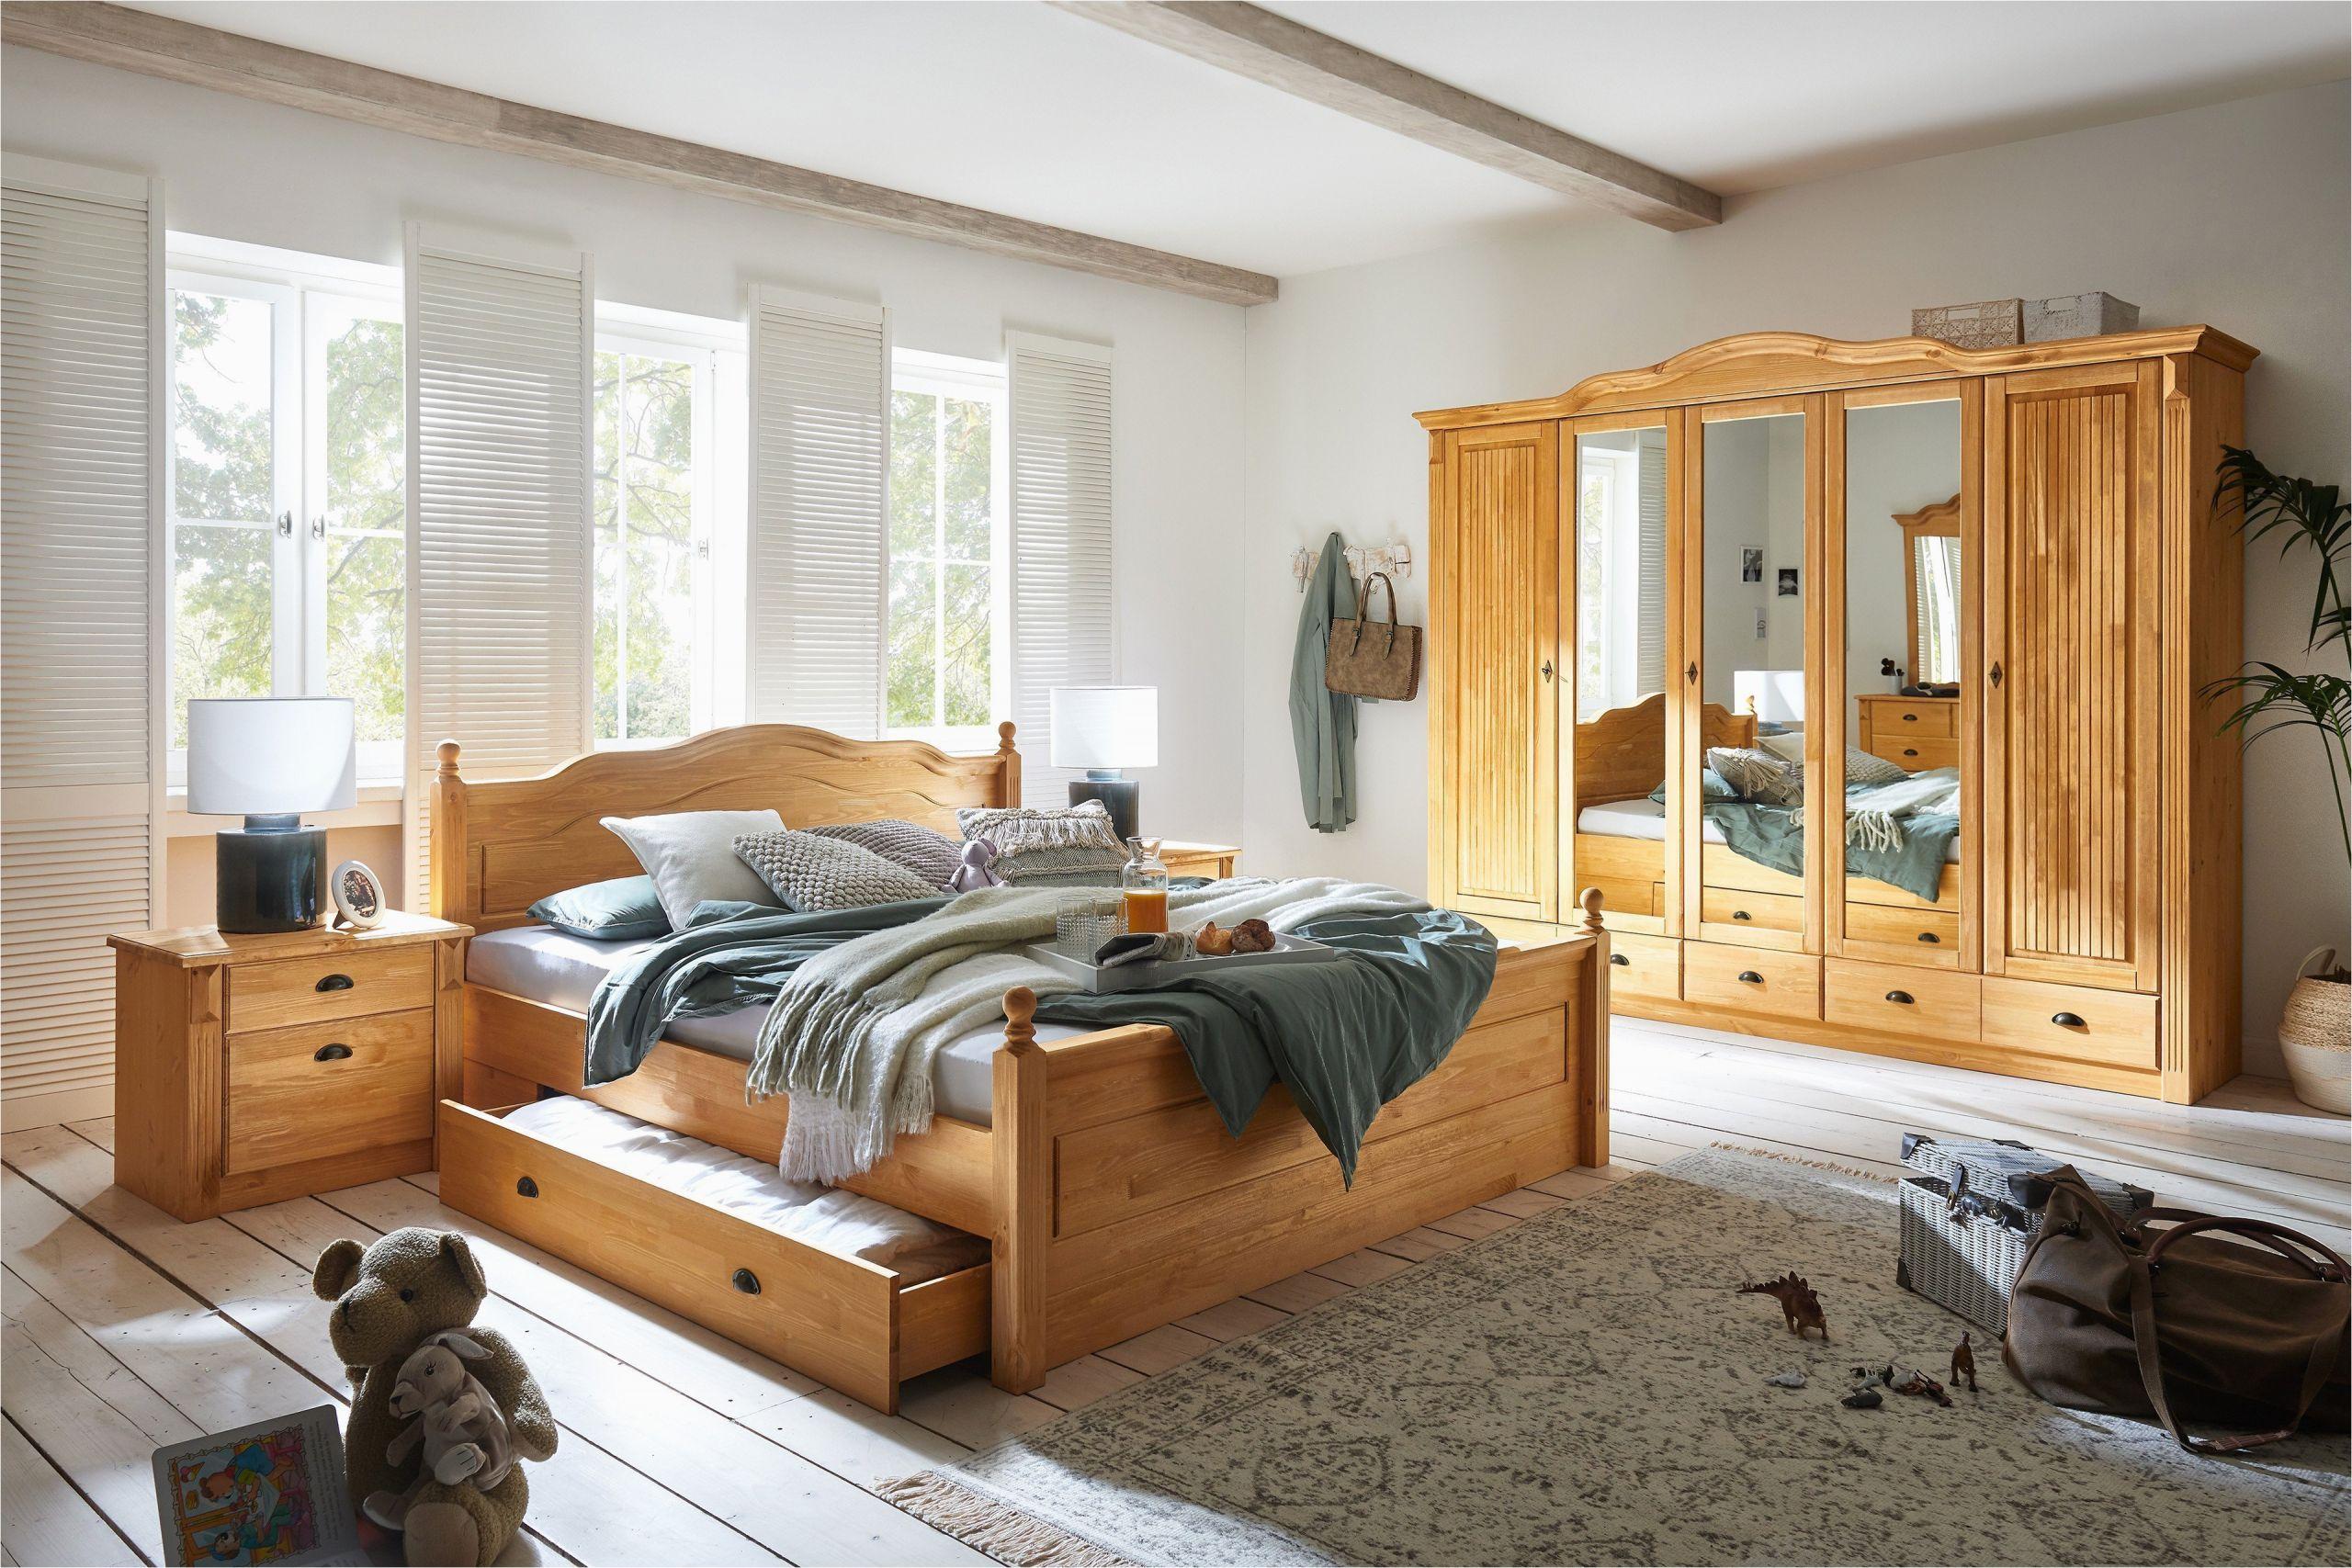 deko kommode schlafzimmer mit inga von jumek landhaus schlafzimmer kiefer weis 55 und 16 mit deko kommode schlafzimmer